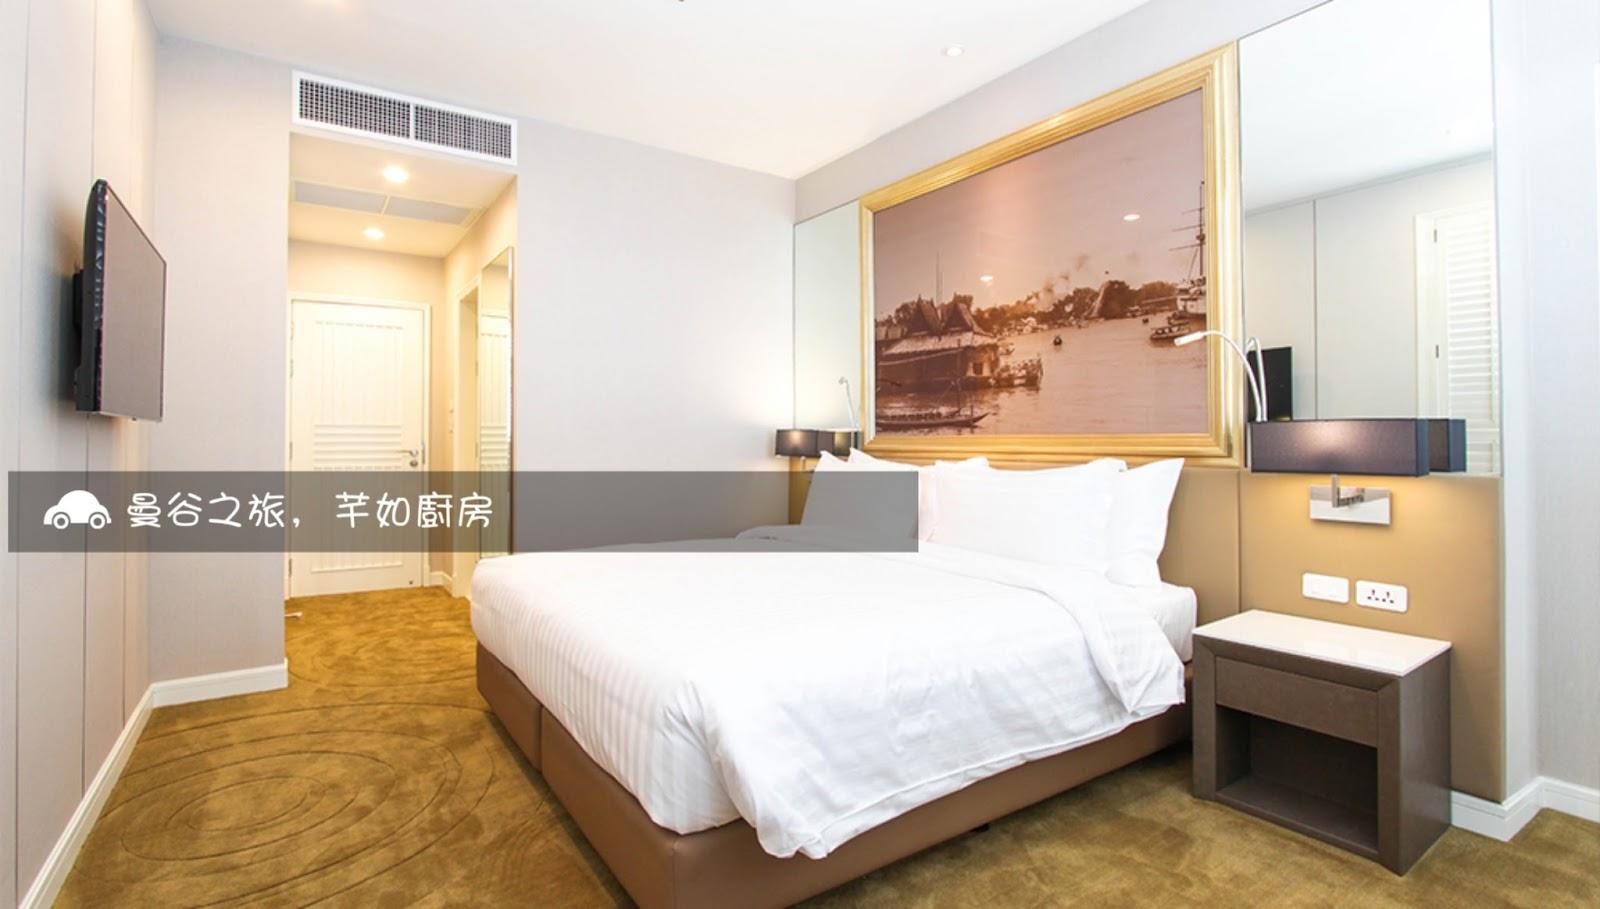 芊如廚房 Chin Yu Kitchen 曼谷之旅 2015 住宿帝寶酒店 Grande Centre